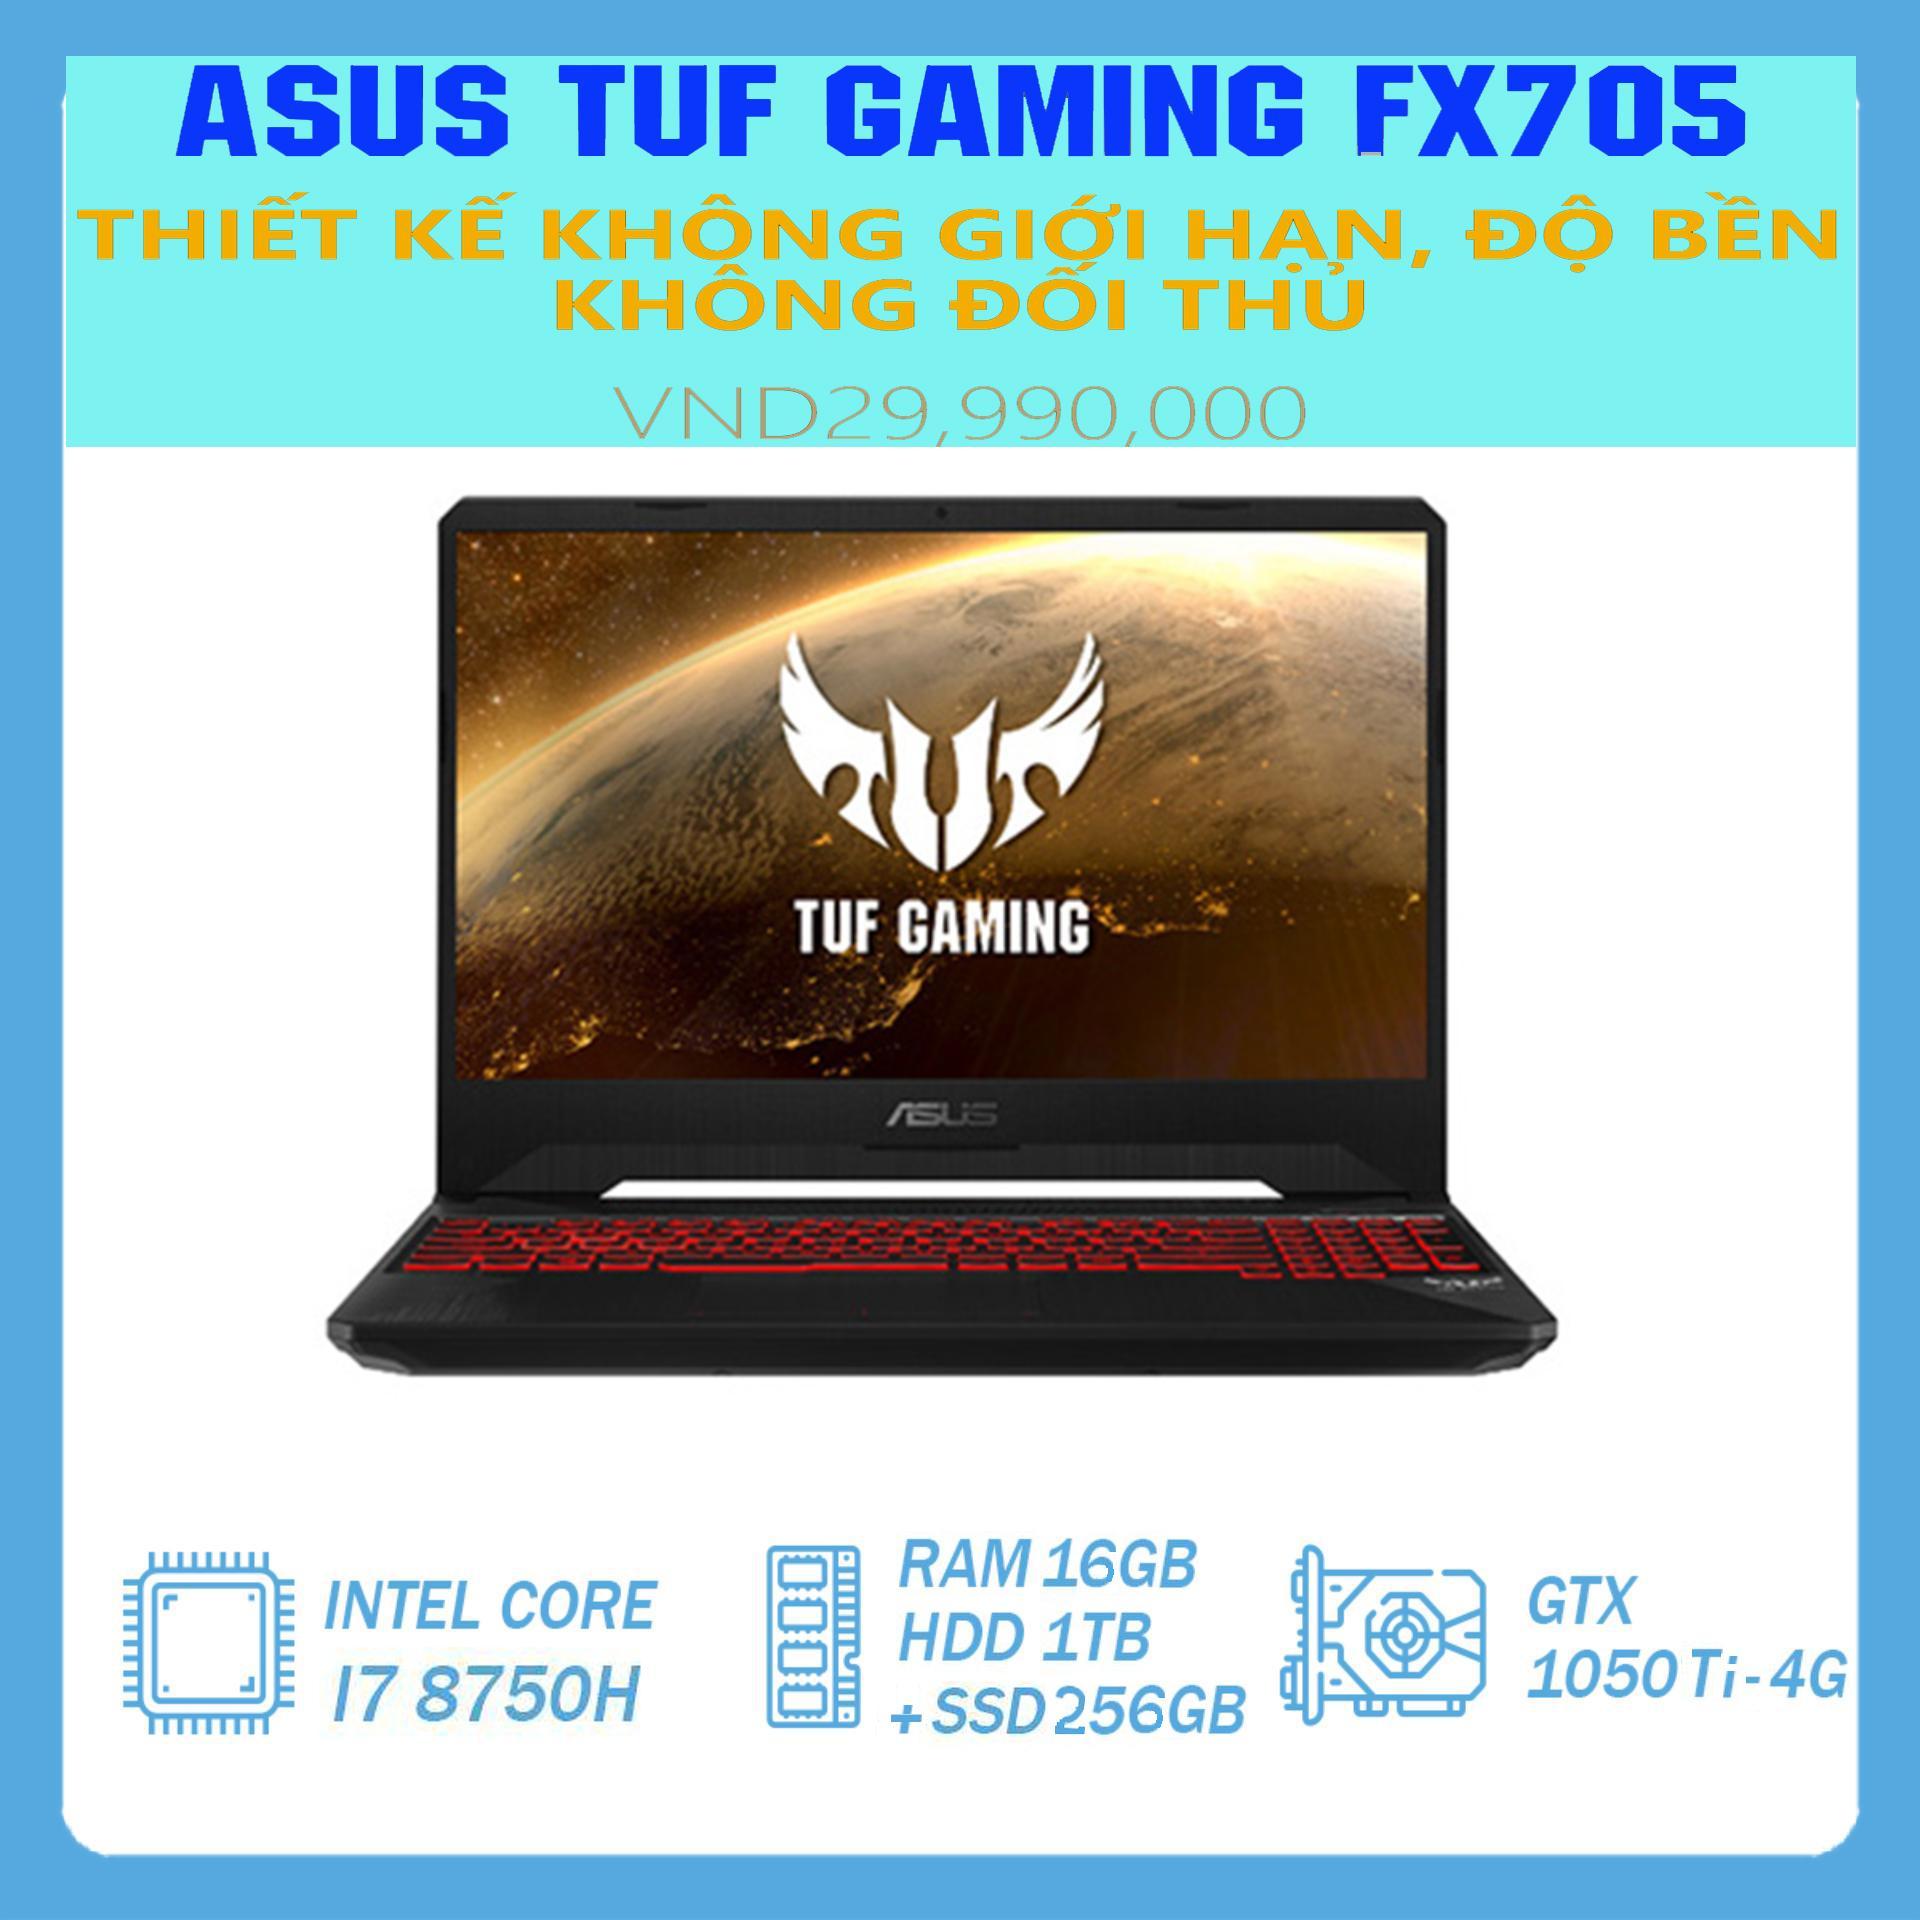 Laptop Asus TUF Gaming FX705GE chip 12 luồng, Còn BH Hãng ~6/2021 ( i7-8750H, RAM 16GB, SSD 256G + HDD 1T, VGA NVIDIA GTX 1050Ti- 4Gb, màn 17.3″ Full HD IPS, viền siêu mỏng, nhỏ gọn như laptop 15 inch)